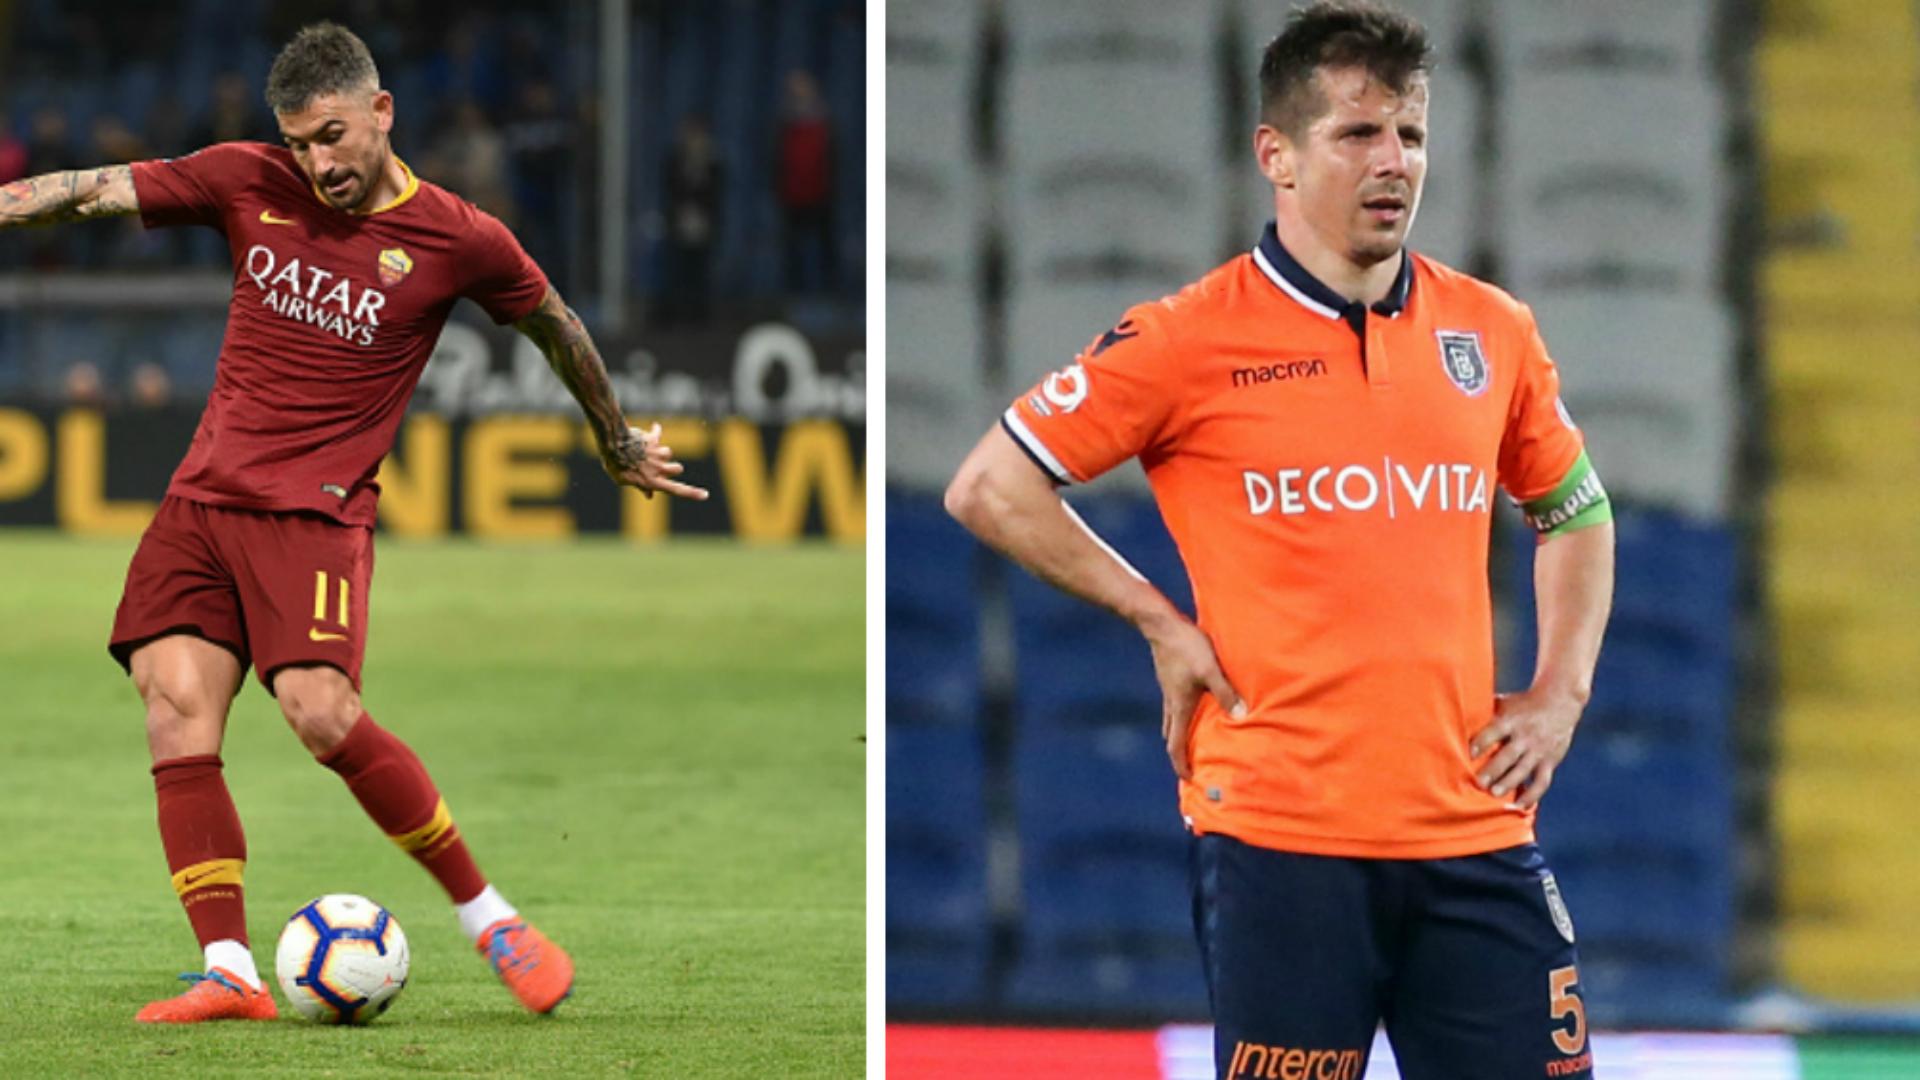 CANLI | Transfer haberleri & dedikoduları: Ali Koç'tan Kolarov ve Emre Belözoğlu açıklaması